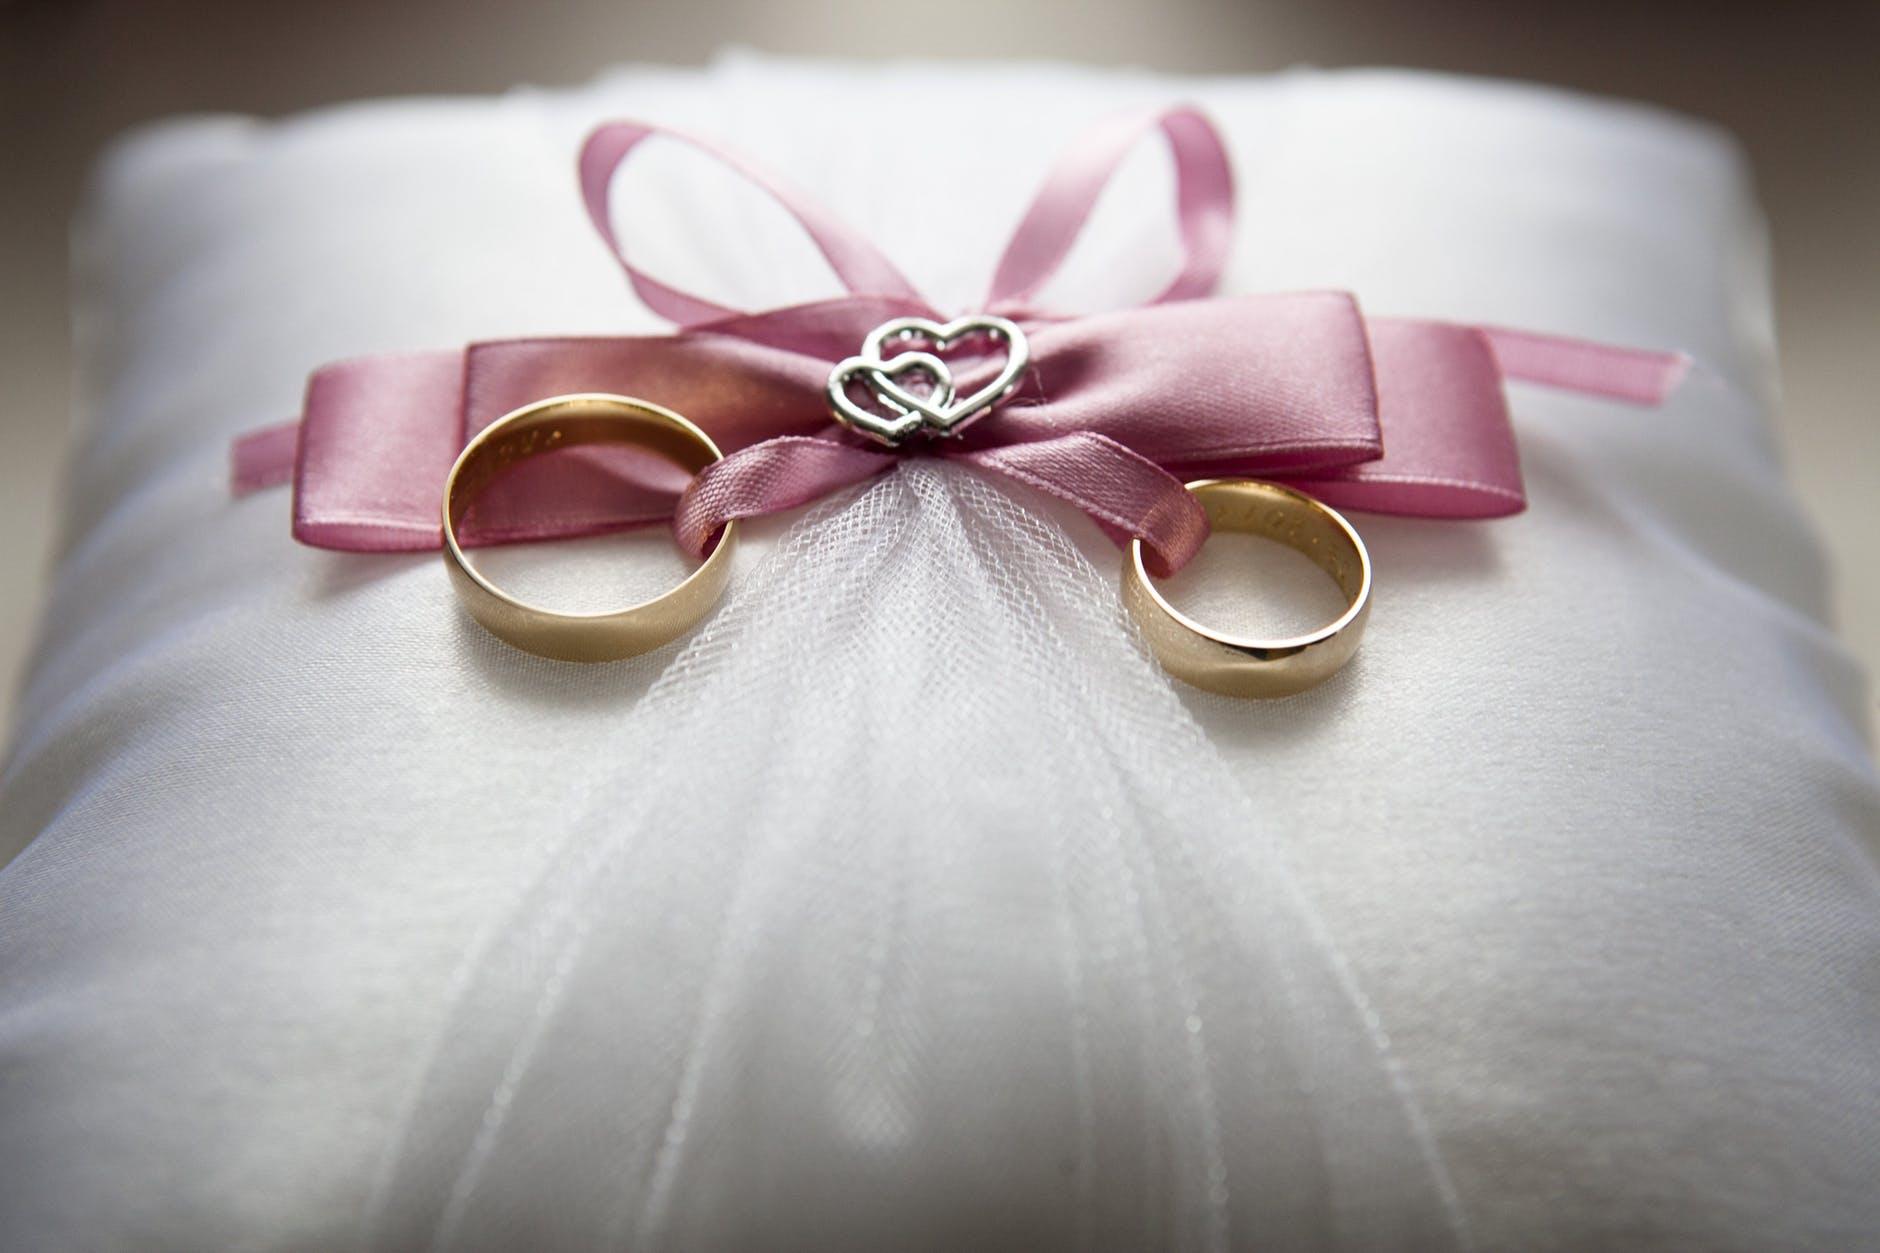 Koszty obrączek ślubnych